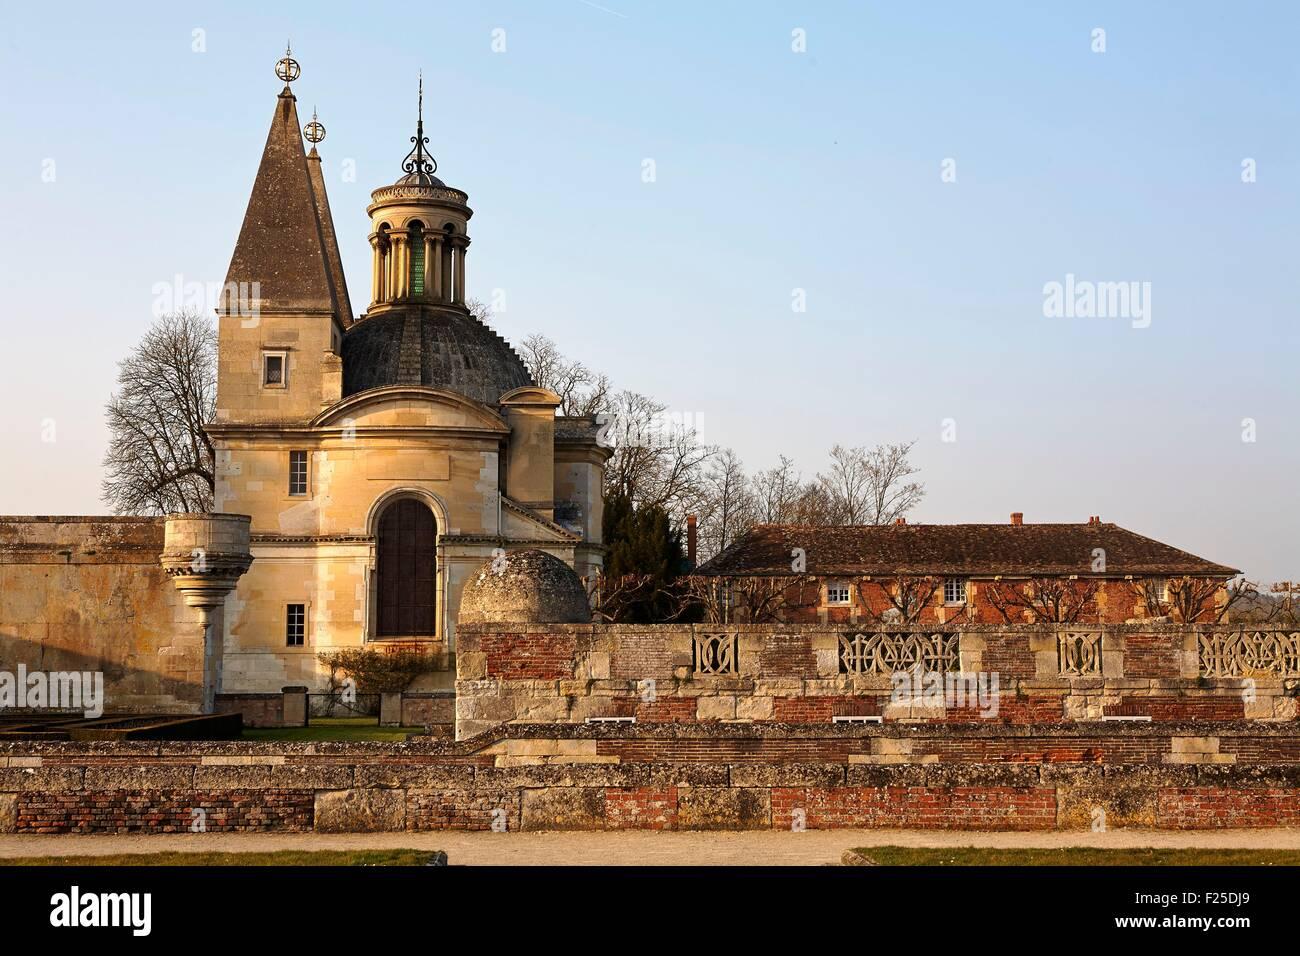 France, Eure et Loir, Anet, Renaissance castle - Stock Image